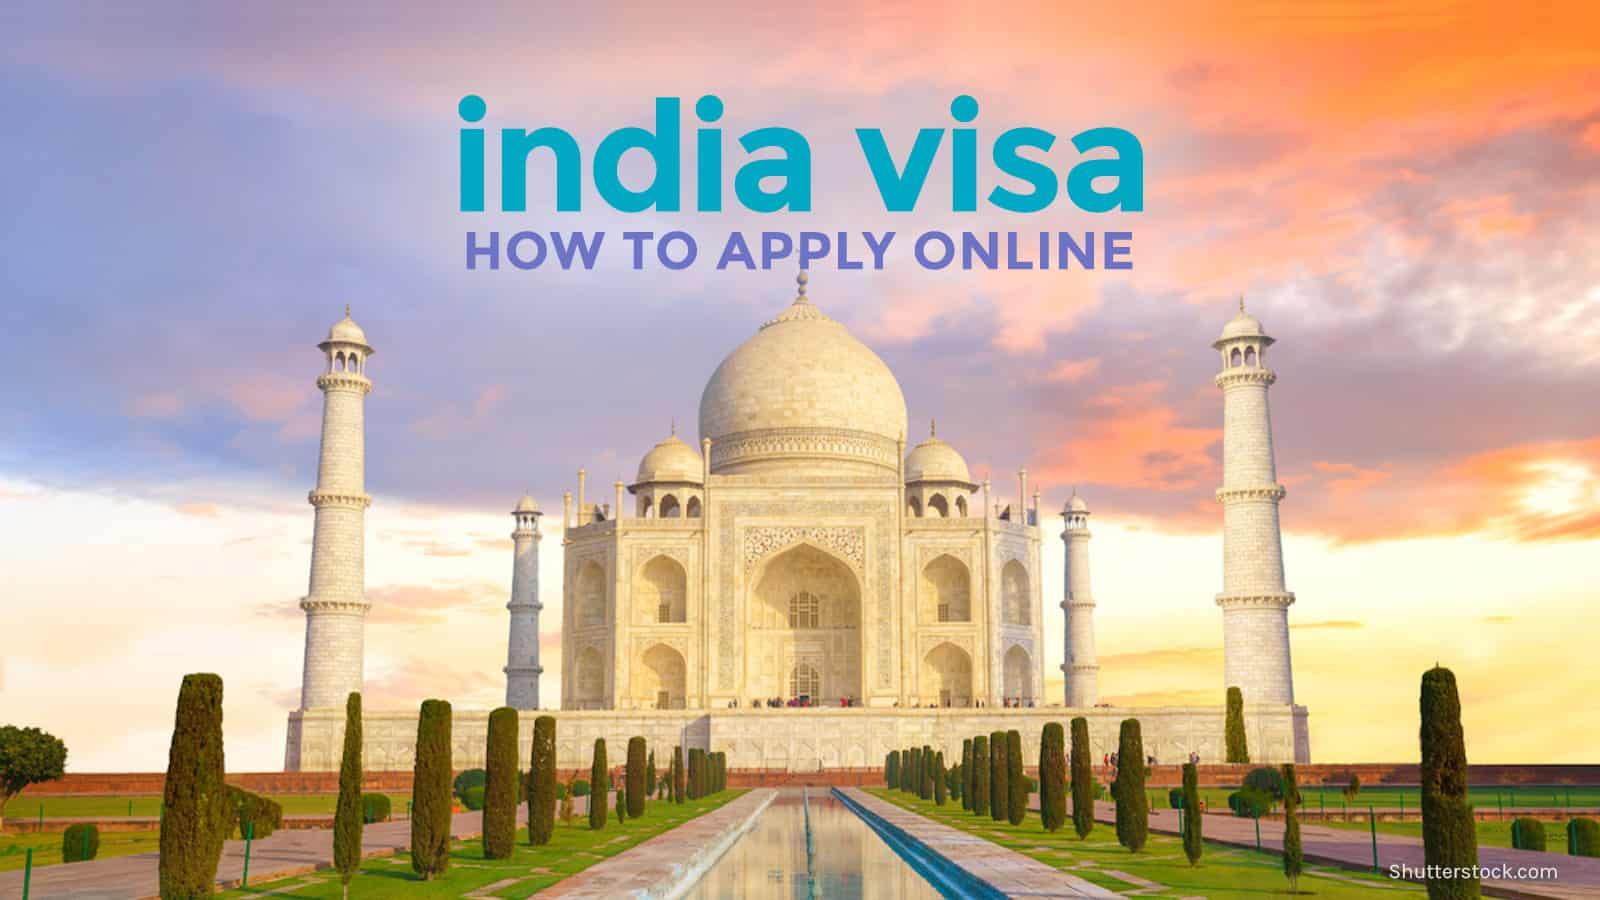 印度签证要求及菲律宾人的在线申请 | 穷游者的行程博客